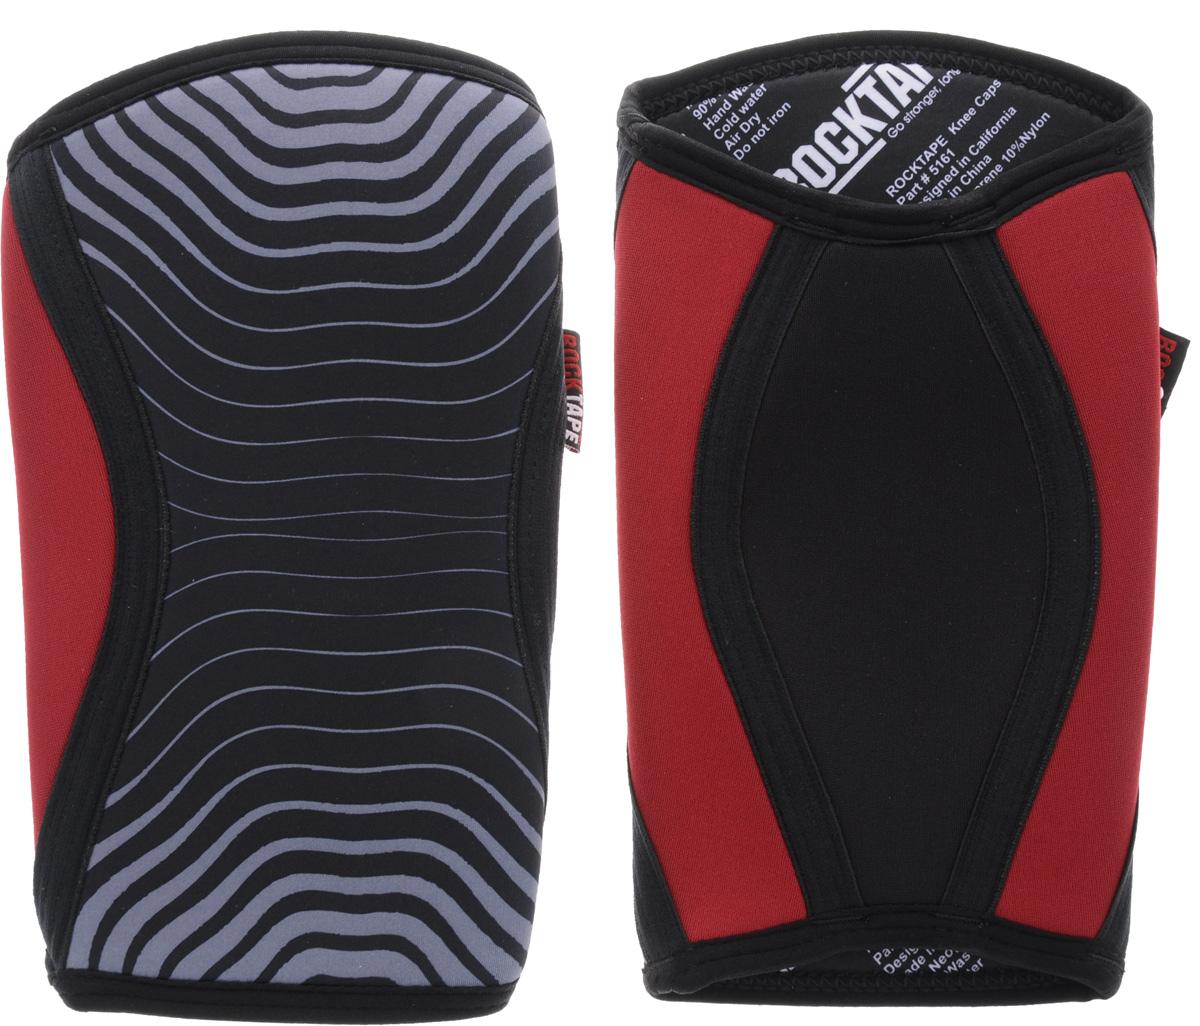 Наколенники Rocktape KneeCaps, цвет: красный, серый, черный, толщина 5 мм. Размер MAIRWHEEL M3-162.8Rocktape KneeCaps - это компрессионные наколенники для тяжелой атлетики/CrossFit. Наколенники созданы специально, чтобы обеспечить компрессионный и согревающий эффект, а также придать стабильность коленному суставу для выполнения функциональных движений, таких как становая тяга, пистолет, приседания со штангой. В отличие от аналогов, наколенники Rocktape KneeCaps более высокие и разработаны специально для компрессии VMO (косой медиальной широкой мышцы бедра) в месте ее прикрепления над коленной чашечкой, чтобы обеспечить надлежащую стабилизацию колена и контроль. Помимо стабилизации, они создают компрессионный и согревающий эффект, что улучшает кровоток. Толщина: 5 мм. Обхват колена: 34-37 см.